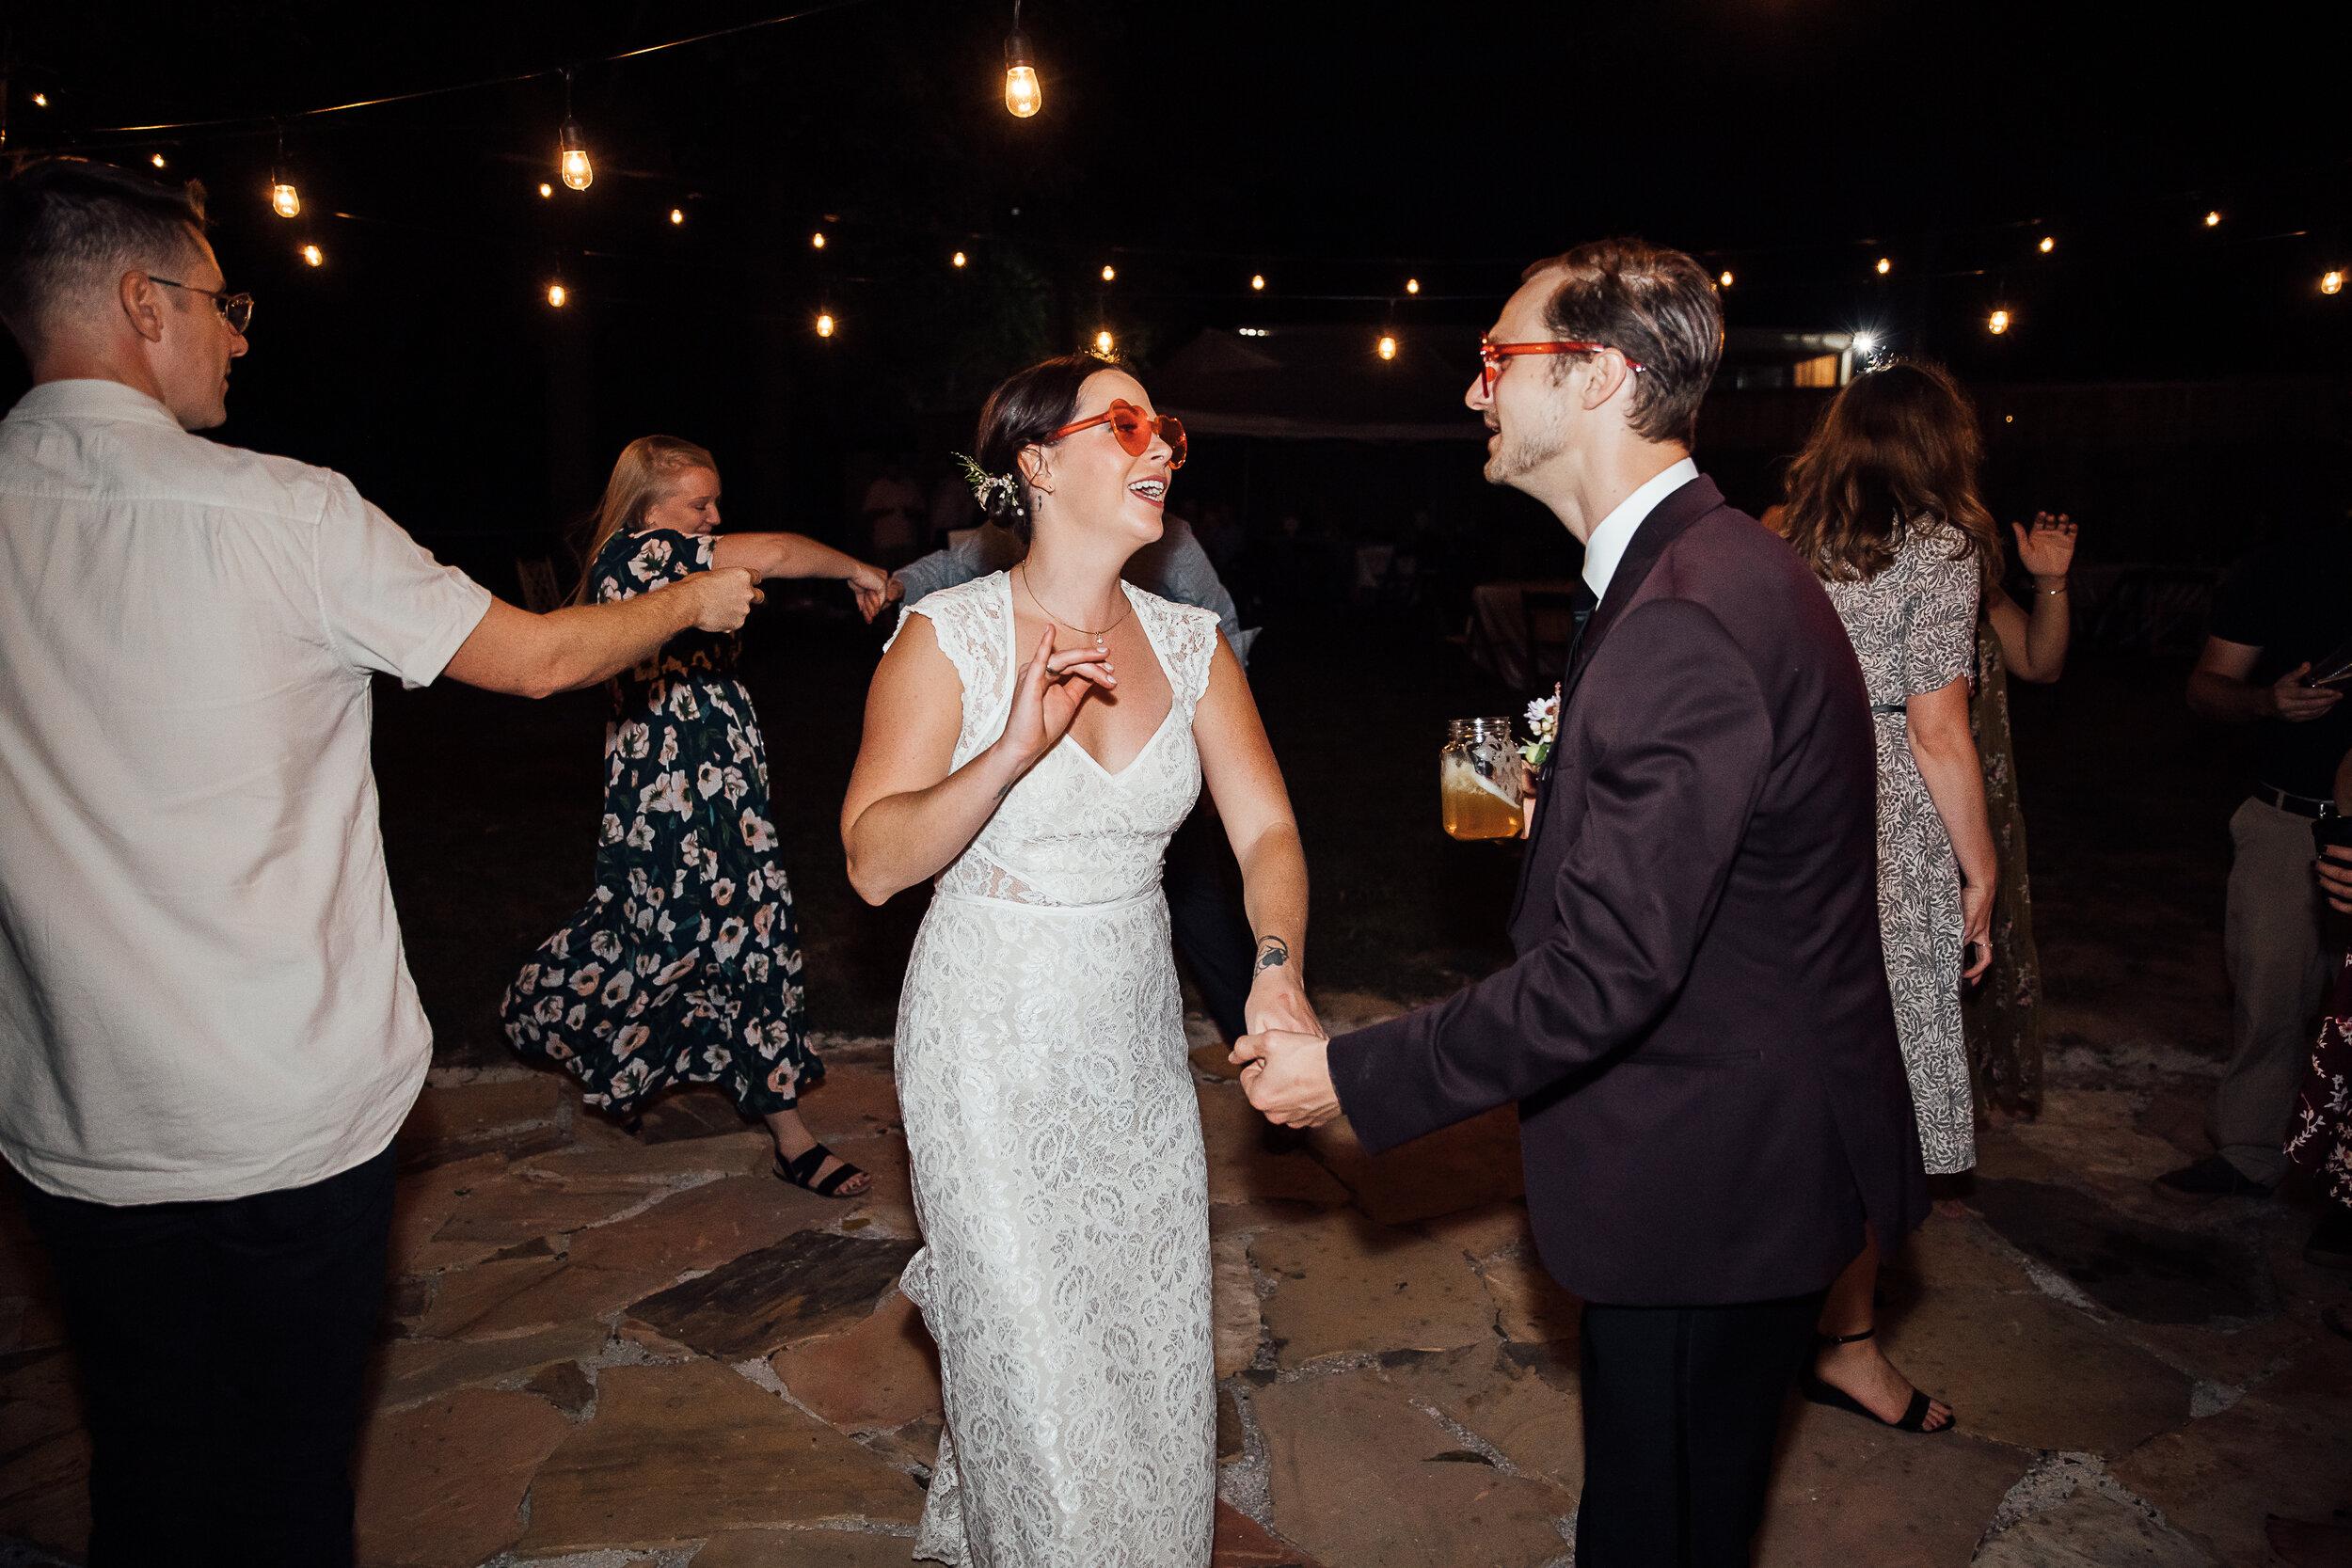 Allison-and-Wesley-Memphis-Backyard-Wedding-TheWarmthAroundYou-78.jpg